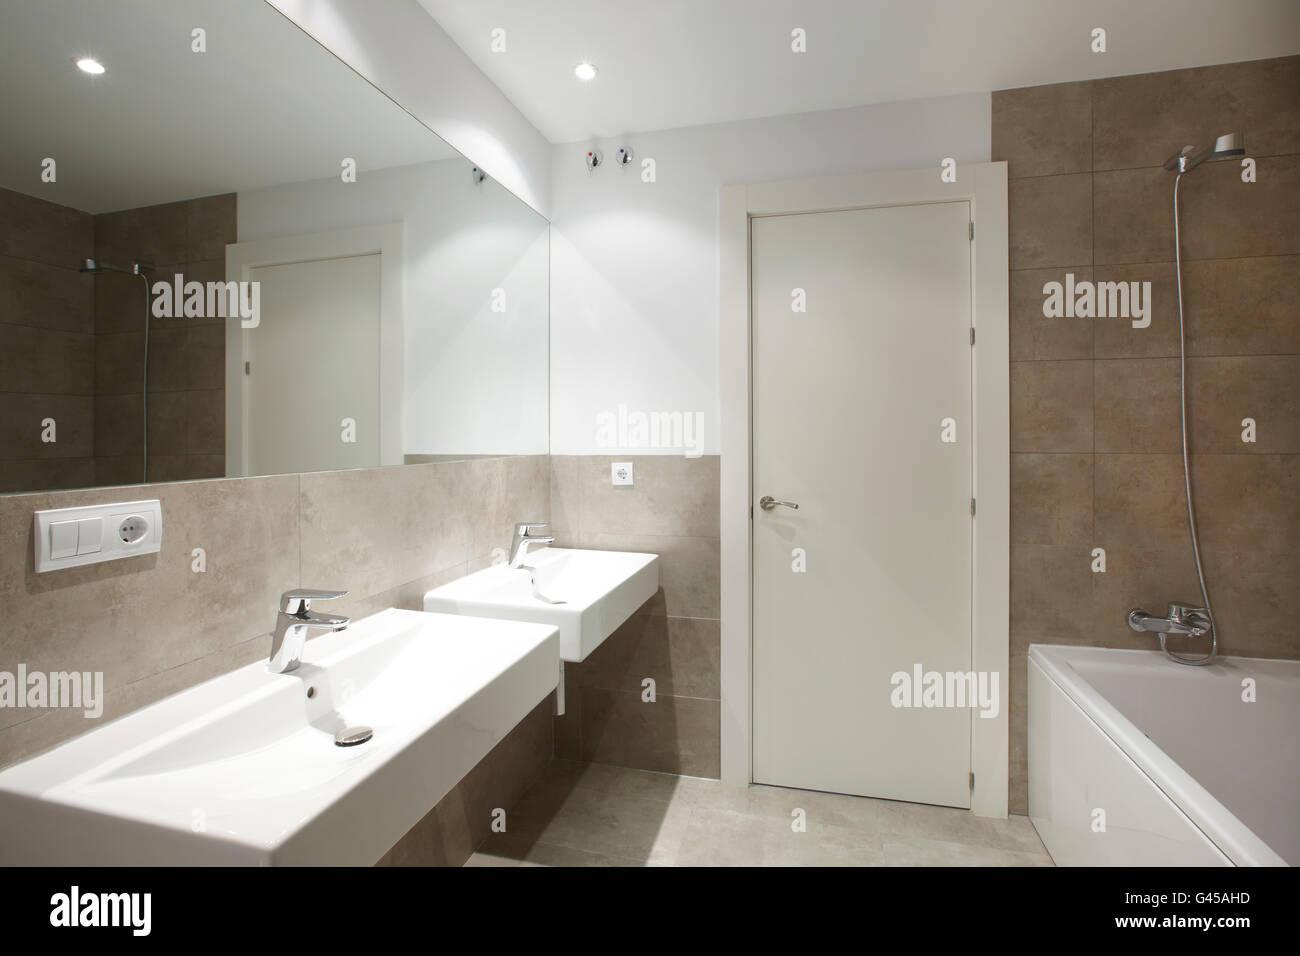 Badezimmereinrichtung  Badezimmer Einrichtung mit braunem Marmor Wände. Querformat ...